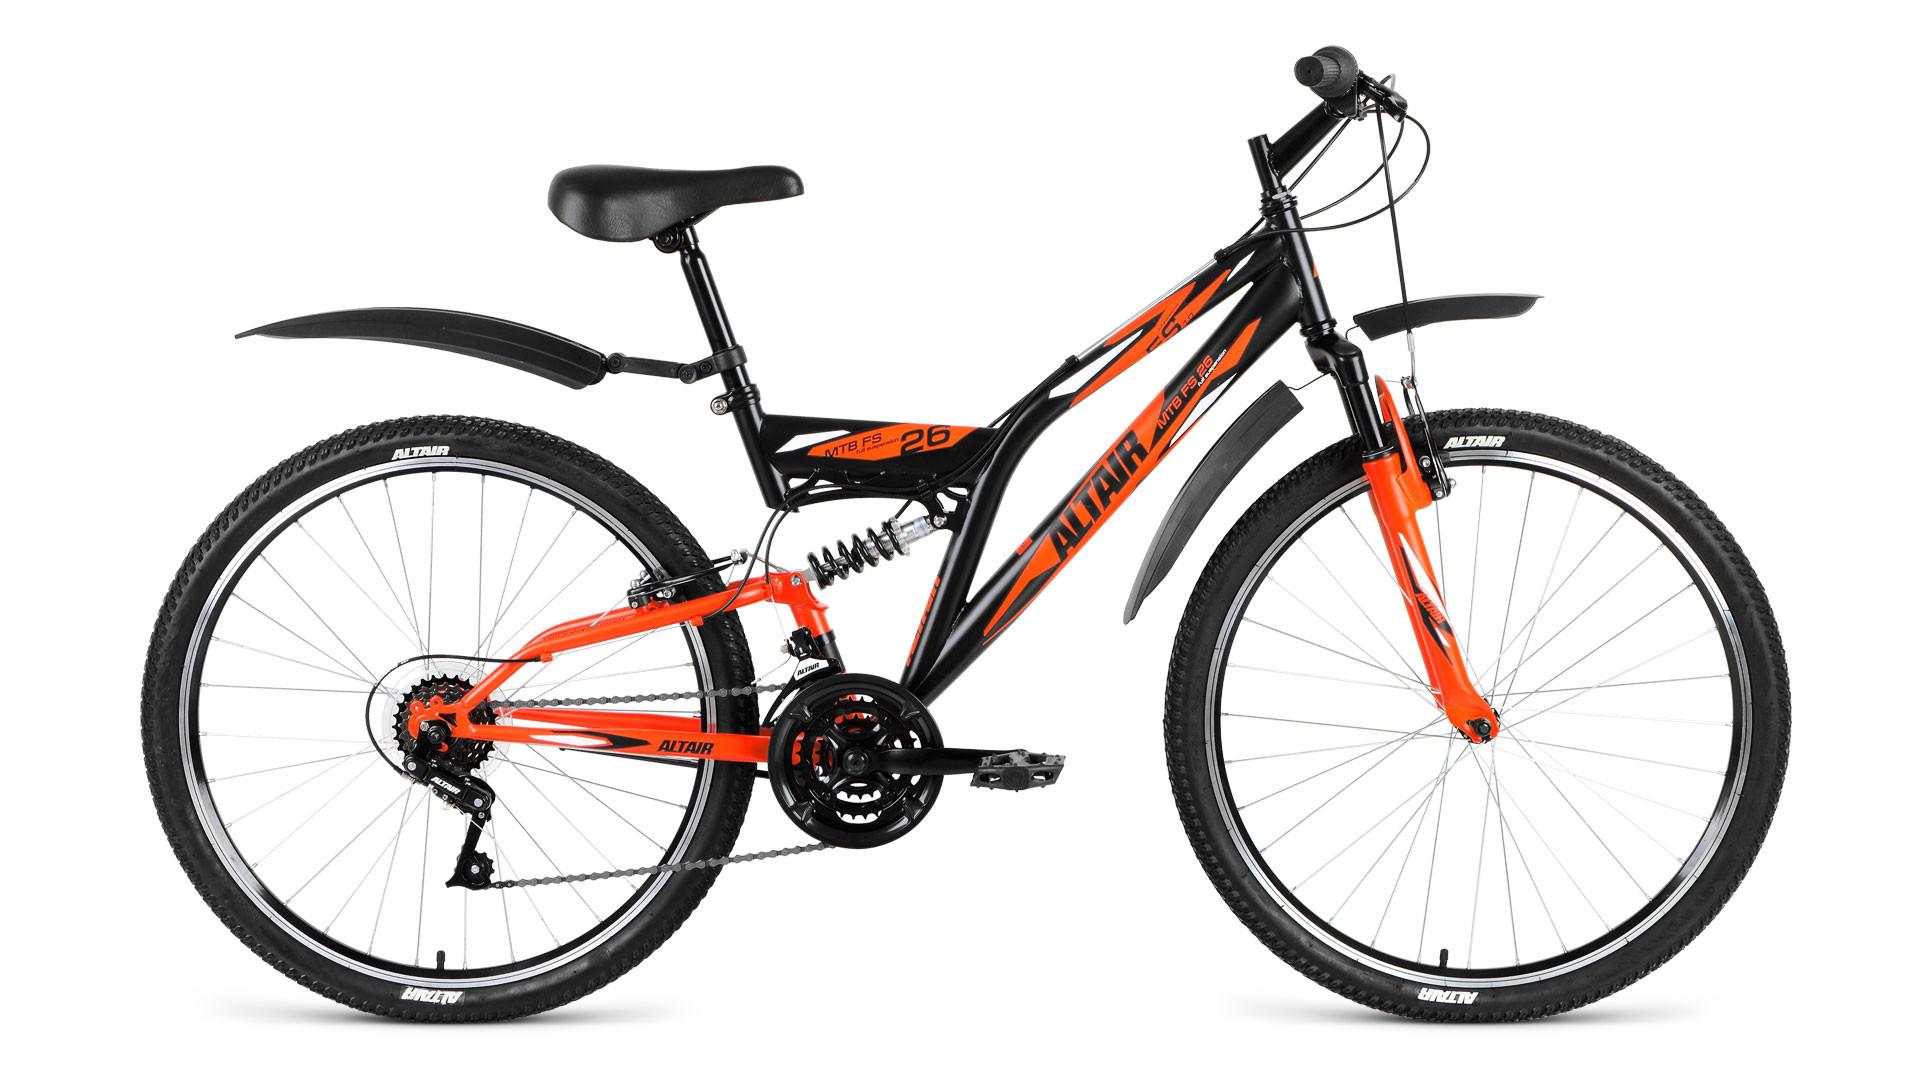 """Двухподвесный велосипед Altair MTB FS 1.0 2018 рама 18"""" черный/оранжевый матовый"""